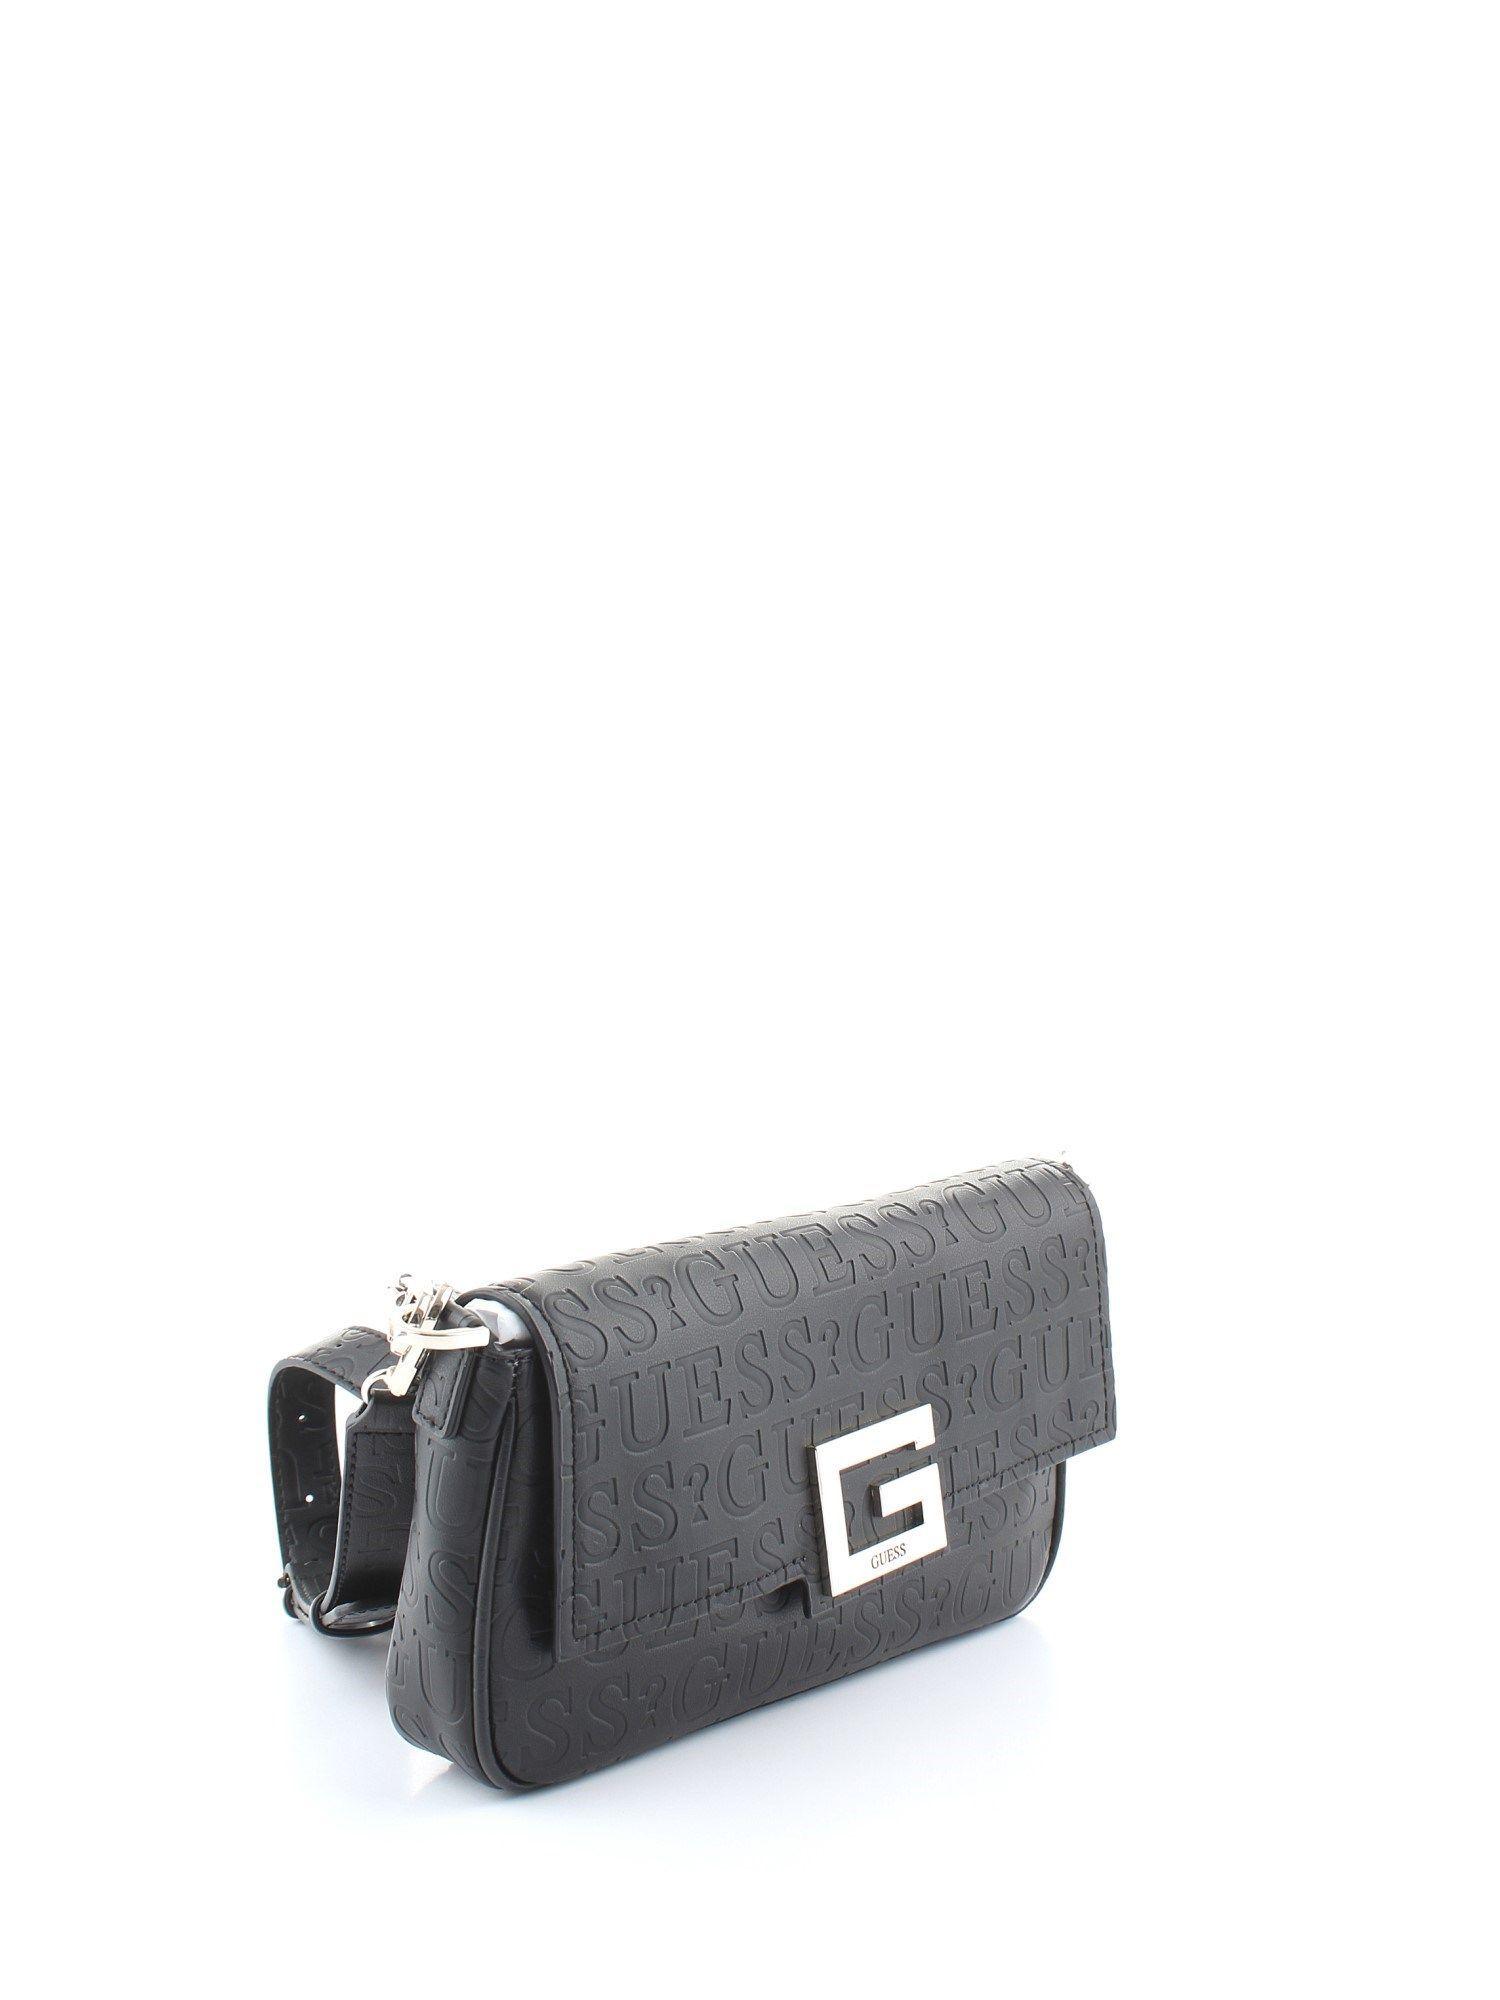 GUESS WOMEN'S HWVD7580190BLACK BLACK POLYURETHANE SHOULDER BAG